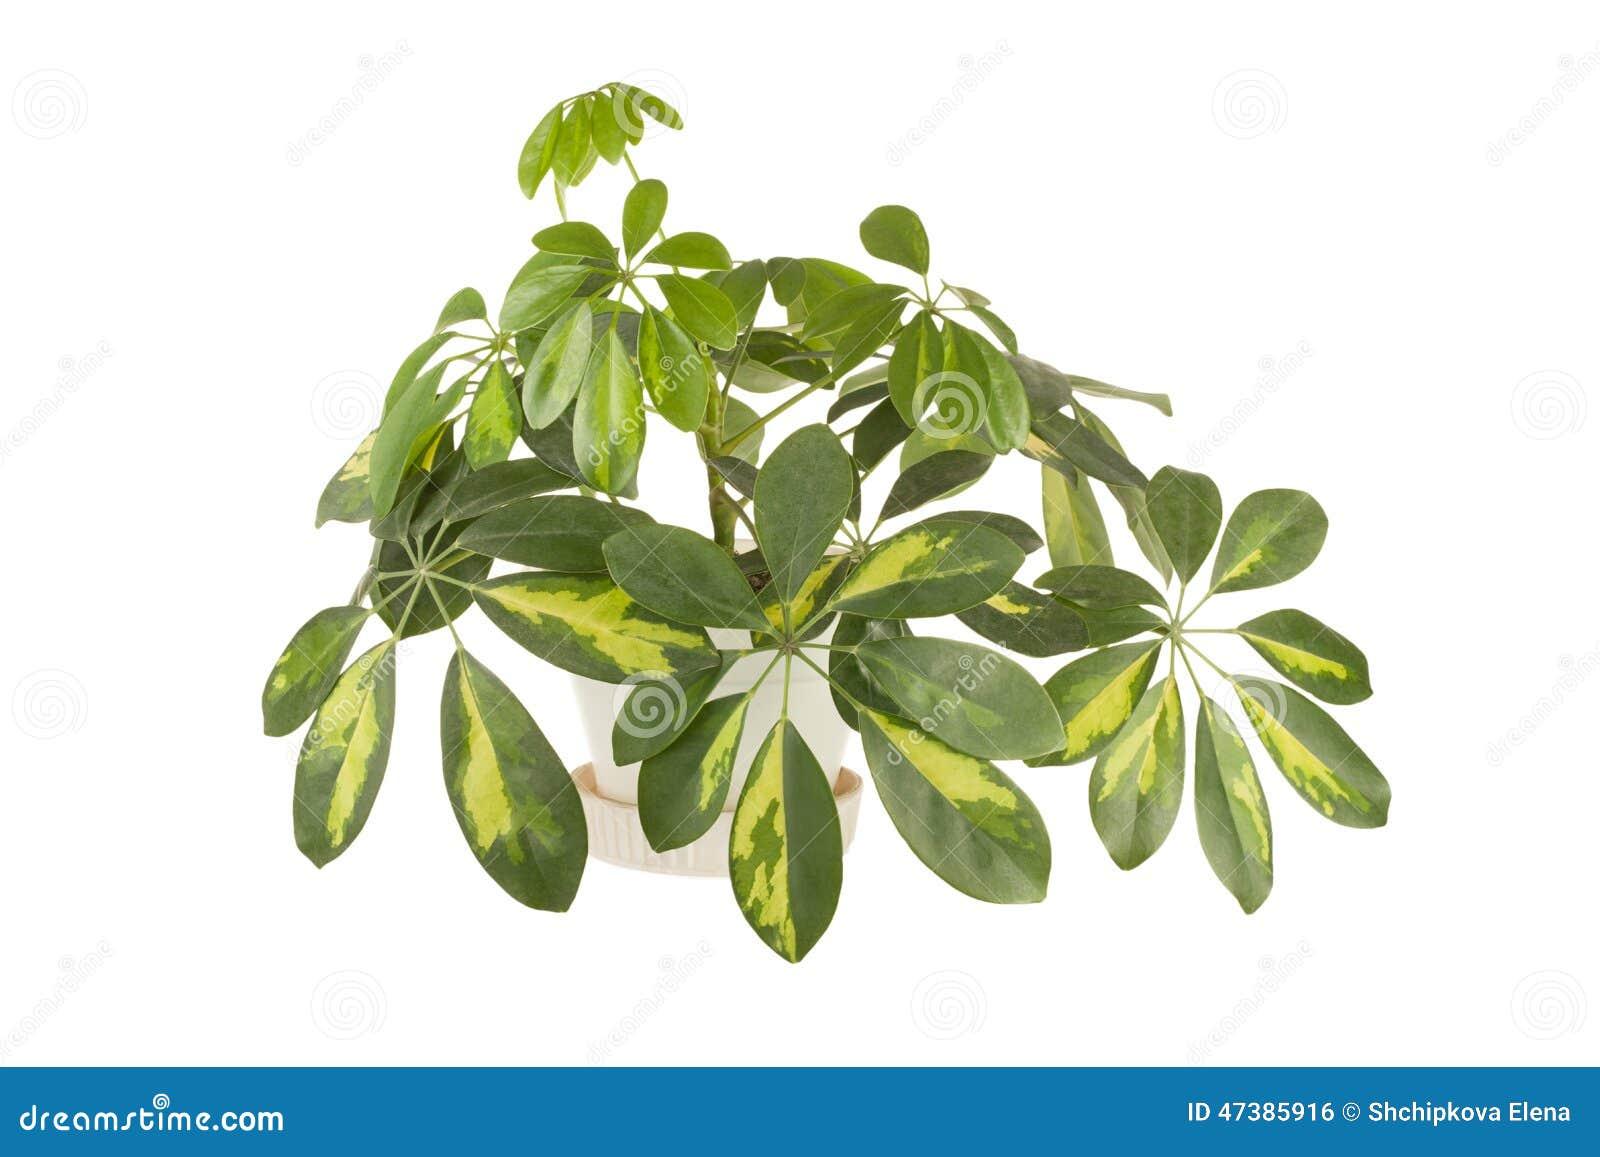 Plante d 39 int rieur d 39 un shefflera photo stock image for Achat plante interieur